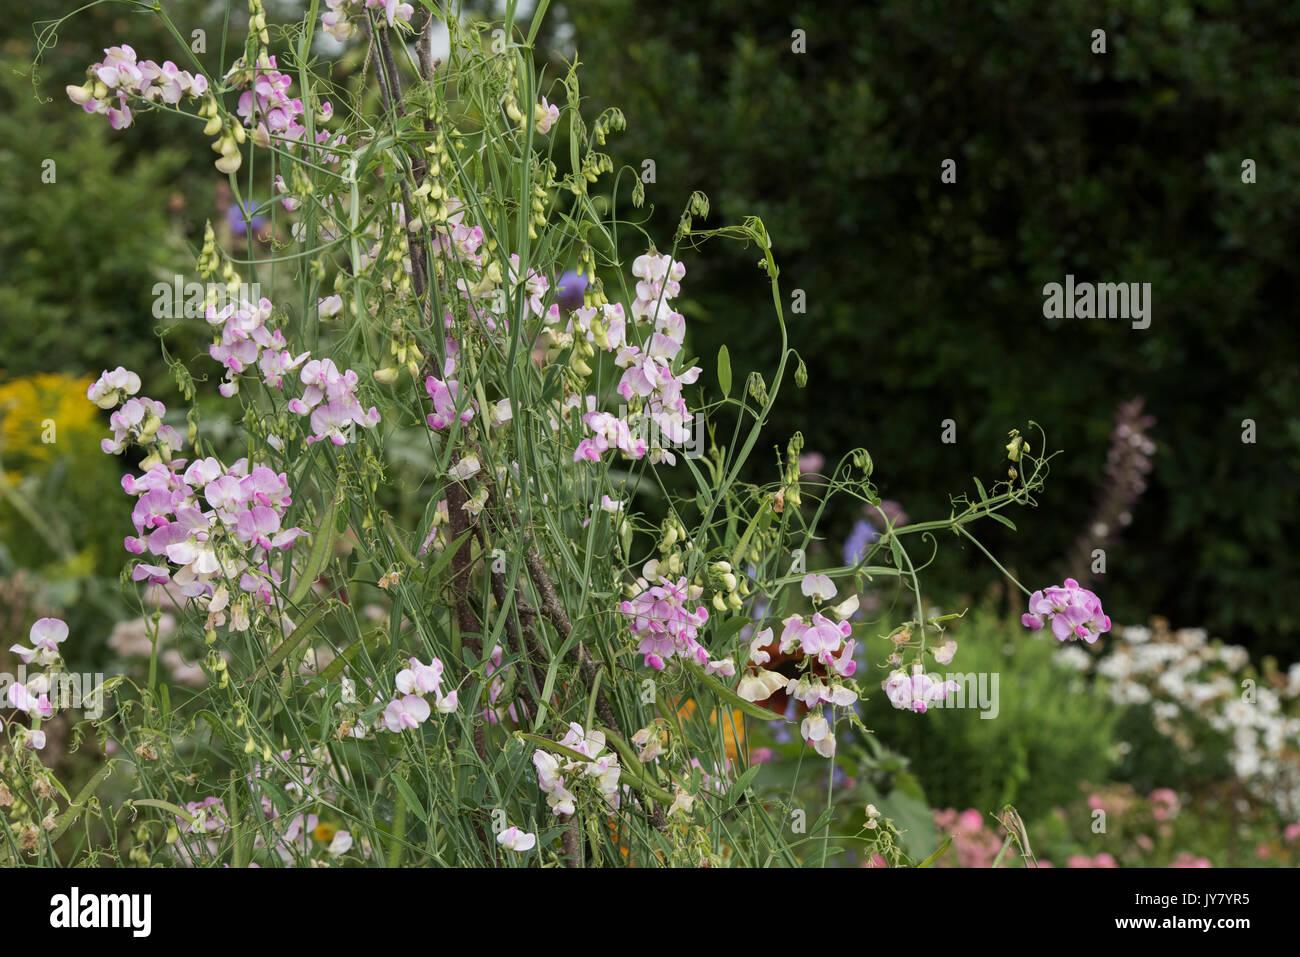 Lathyrus latifolius. Perennial pea or Everlasting sweet pea in an english cottage garden. UK - Stock Image